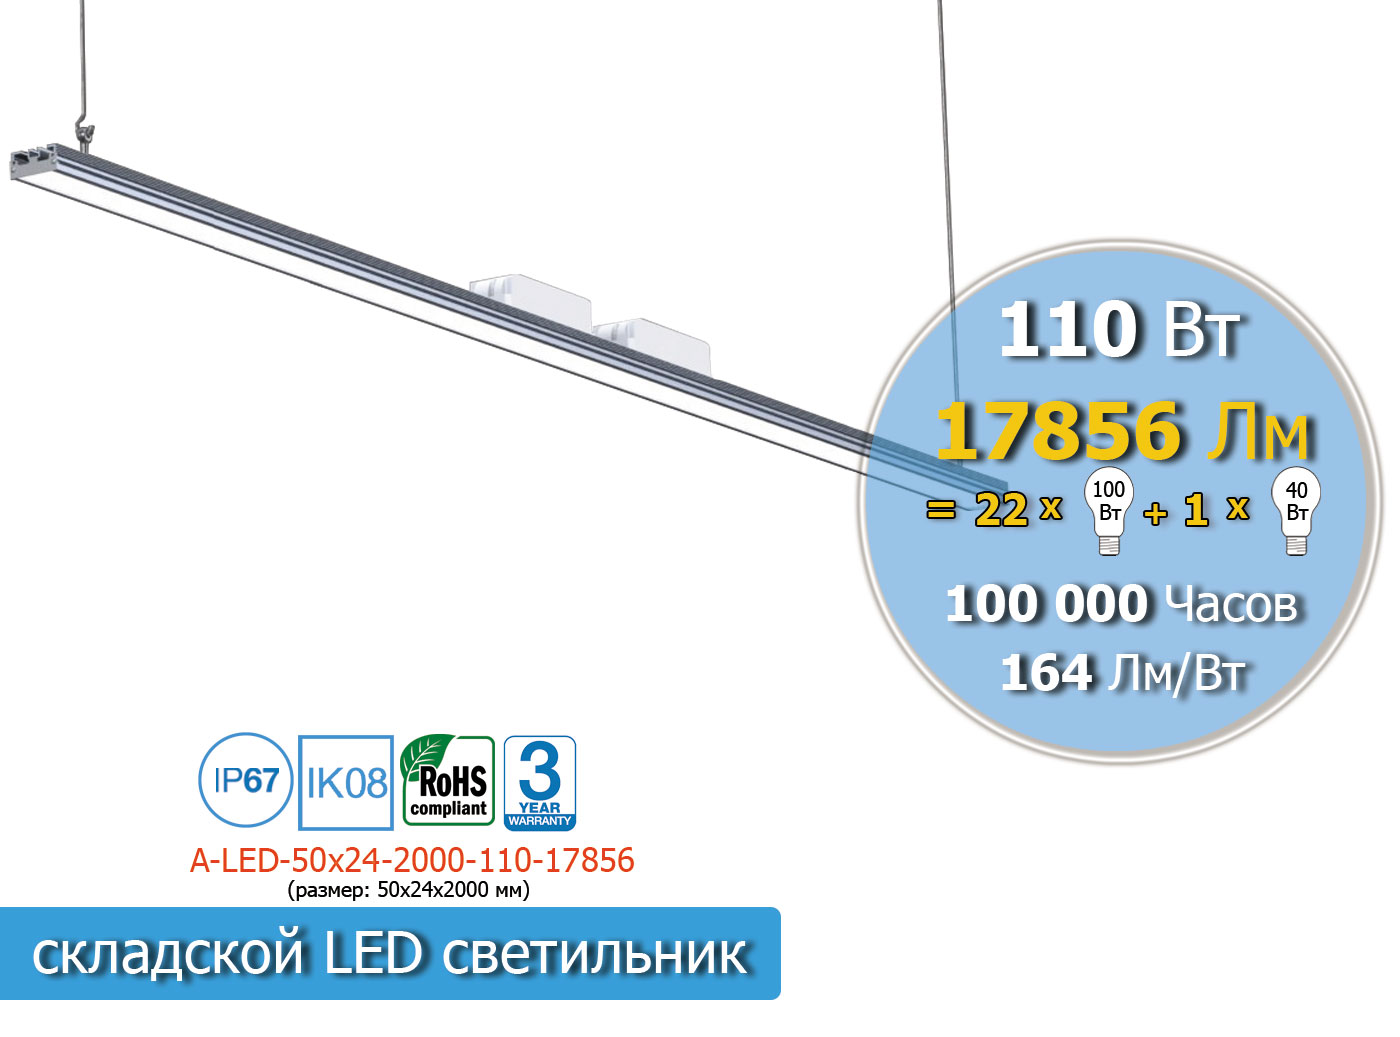 A-LED-50x24-1-2000-110-17856